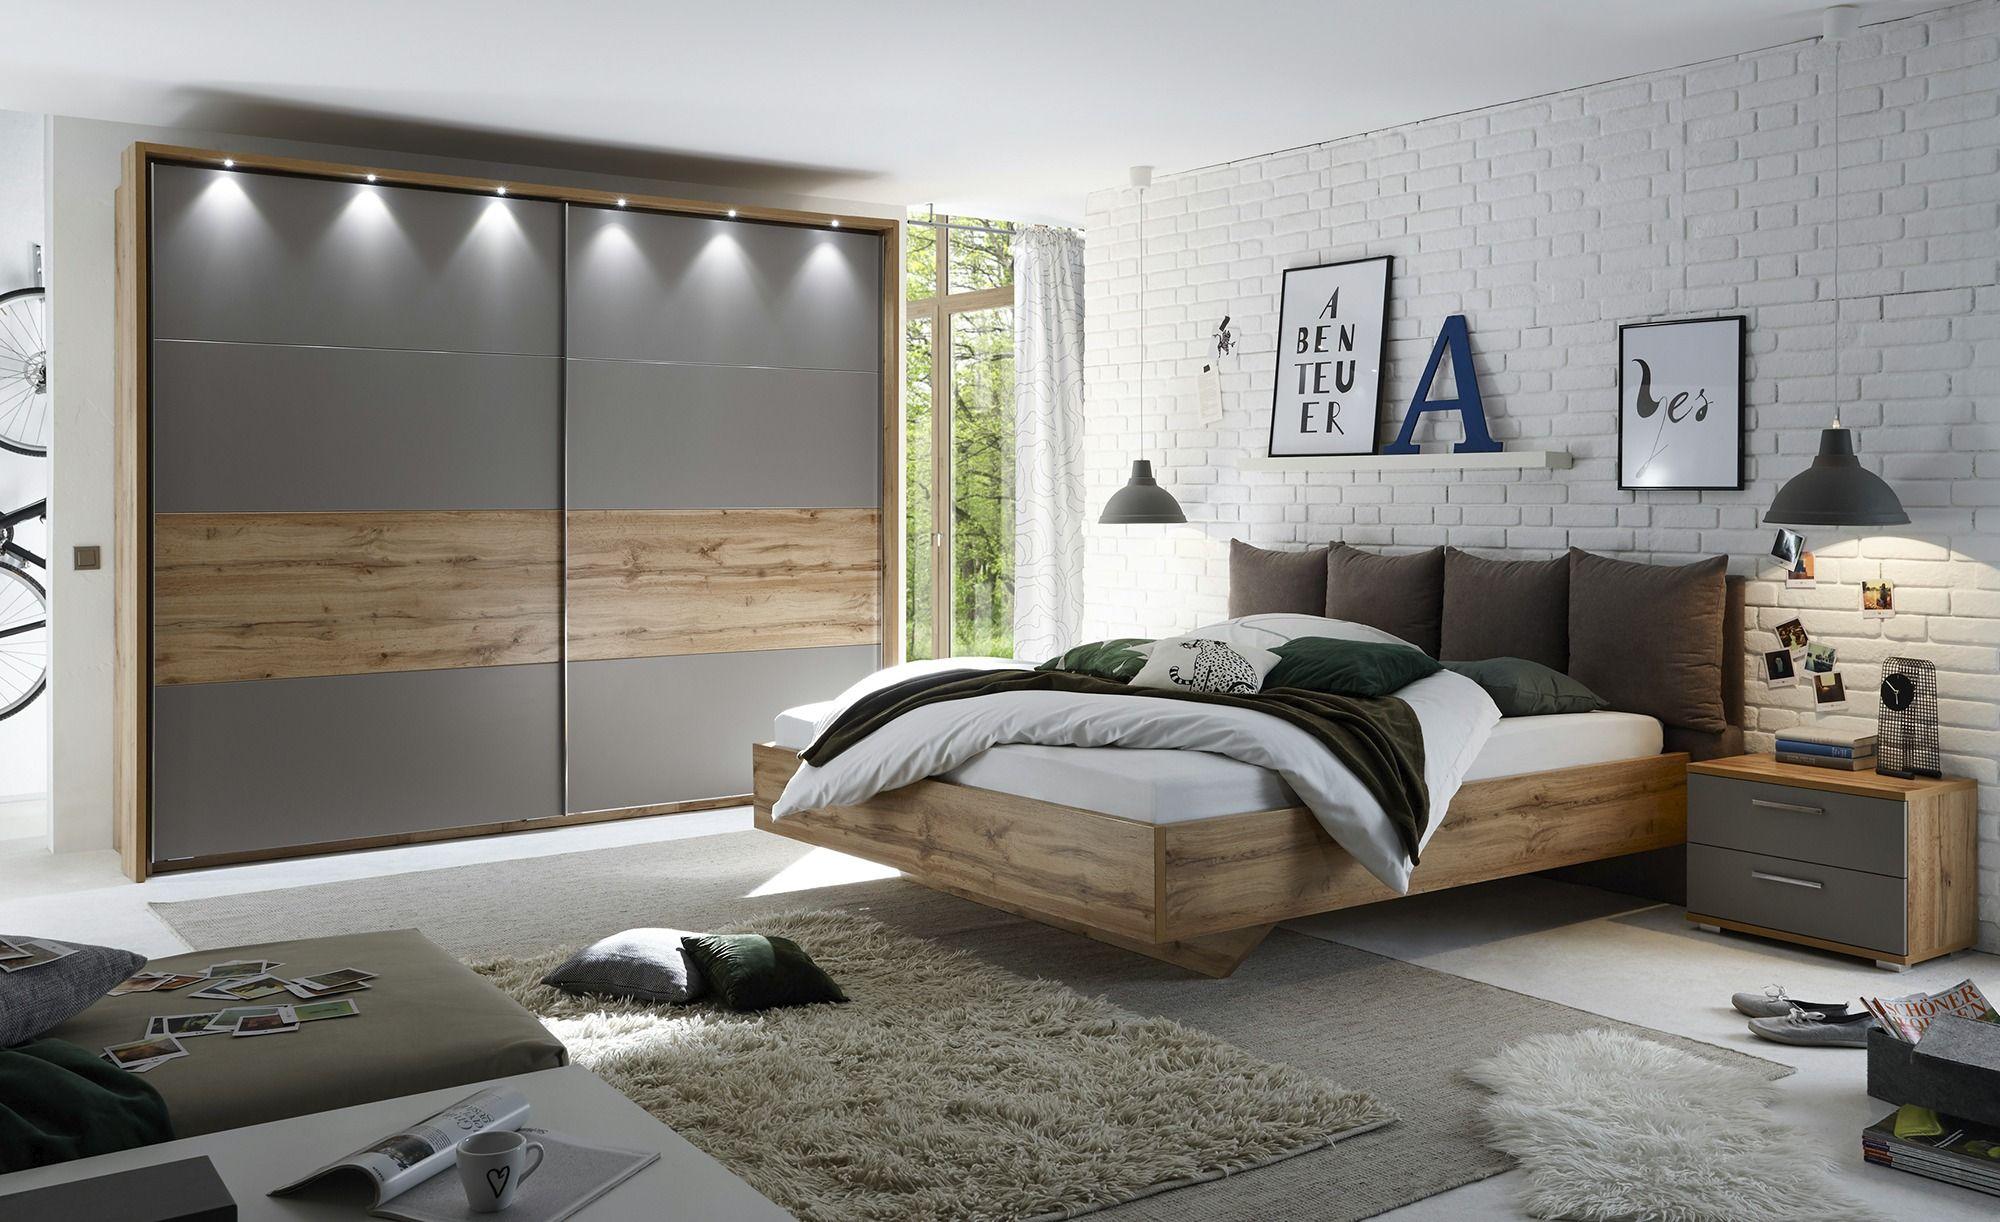 Full Size of Uno Komplett Schlafzimmer Delta Komplettes Kommode Weiß Schrank Landhaus Regal Betten Wiemann Günstige Rauch Klimagerät Für Kronleuchter Luxus Schlafzimmer Schlafzimmer Komplett Guenstig